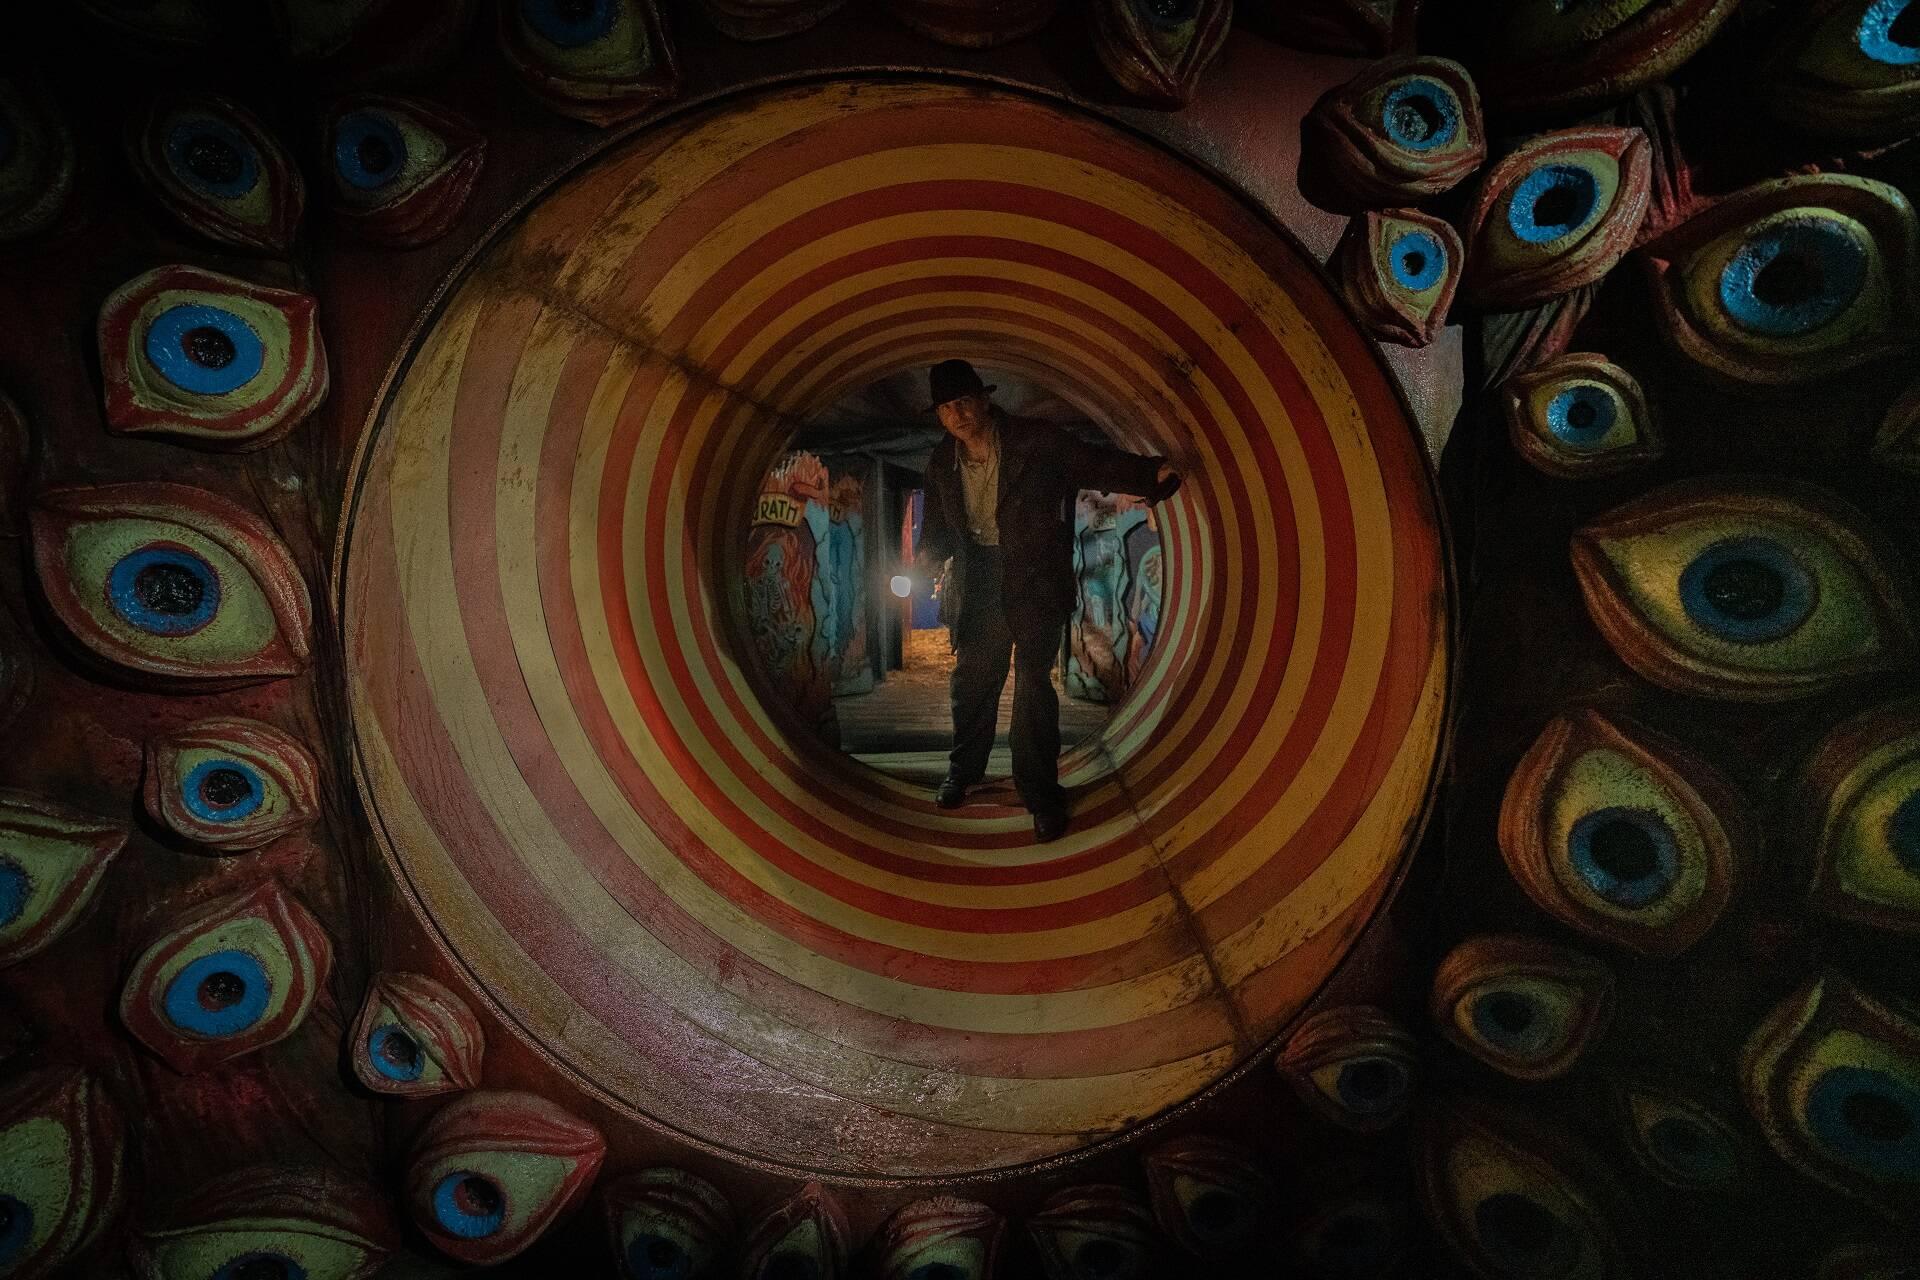 La feria de las ilusiones - Nightmare Alley